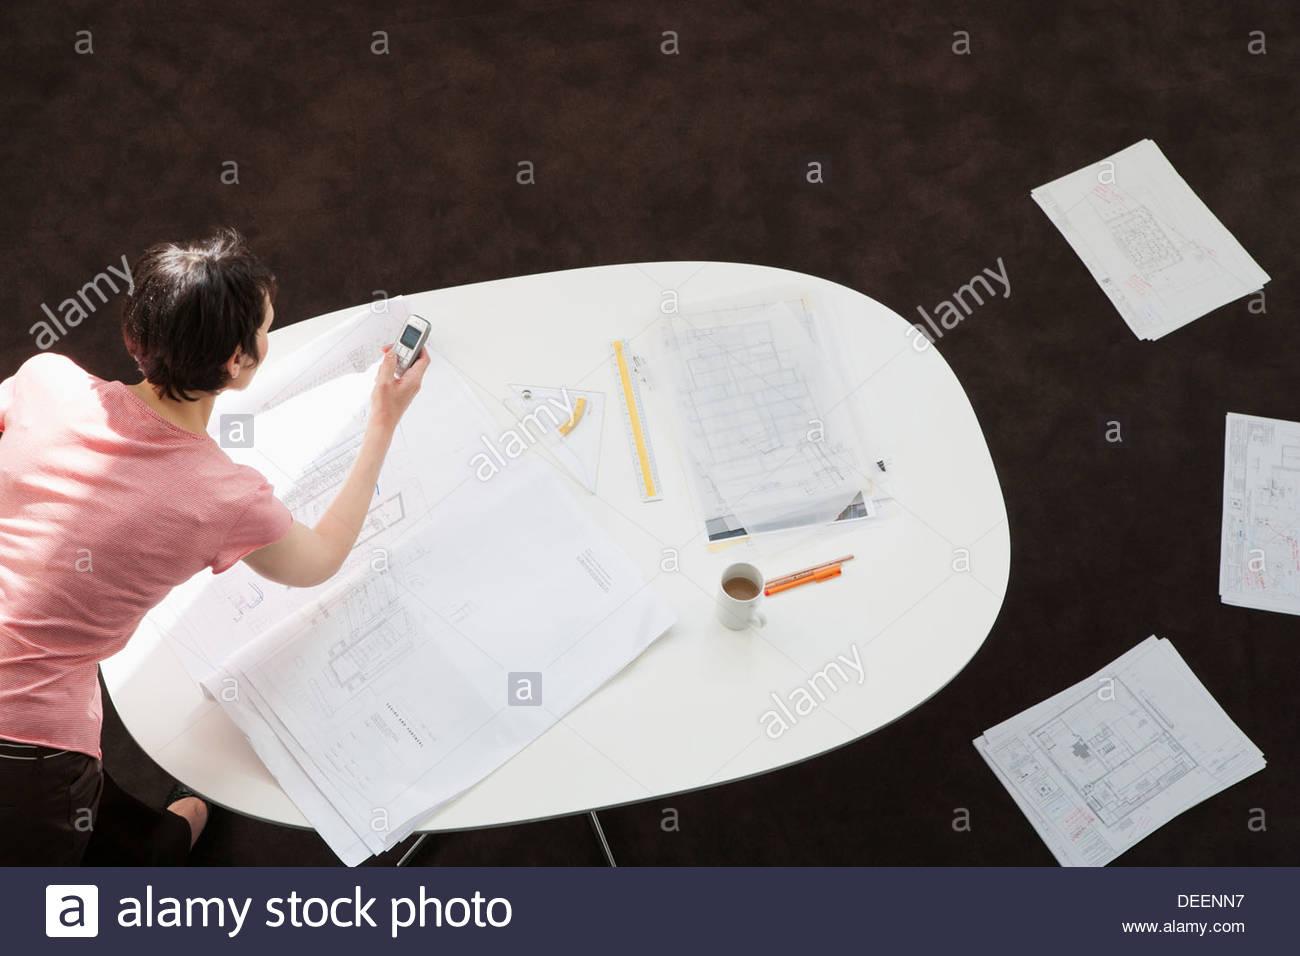 La empresaria mirando los borradores en una tabla Imagen De Stock